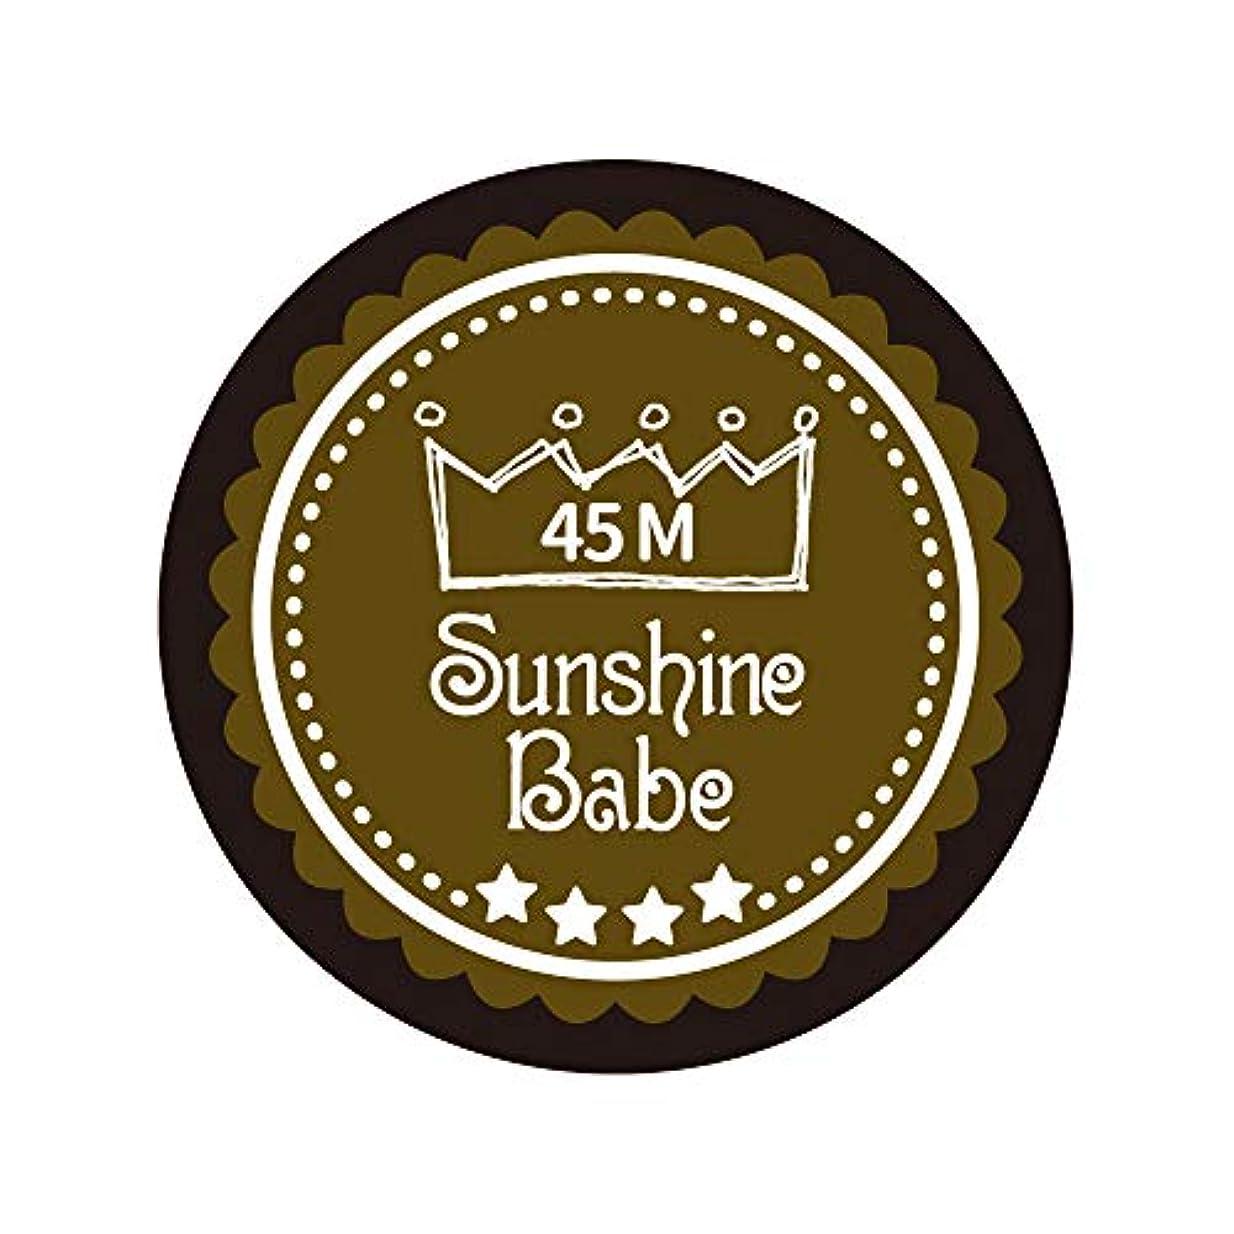 企業装置攻撃Sunshine Babe カラージェル 45M マティーニオリーブ 4g UV/LED対応